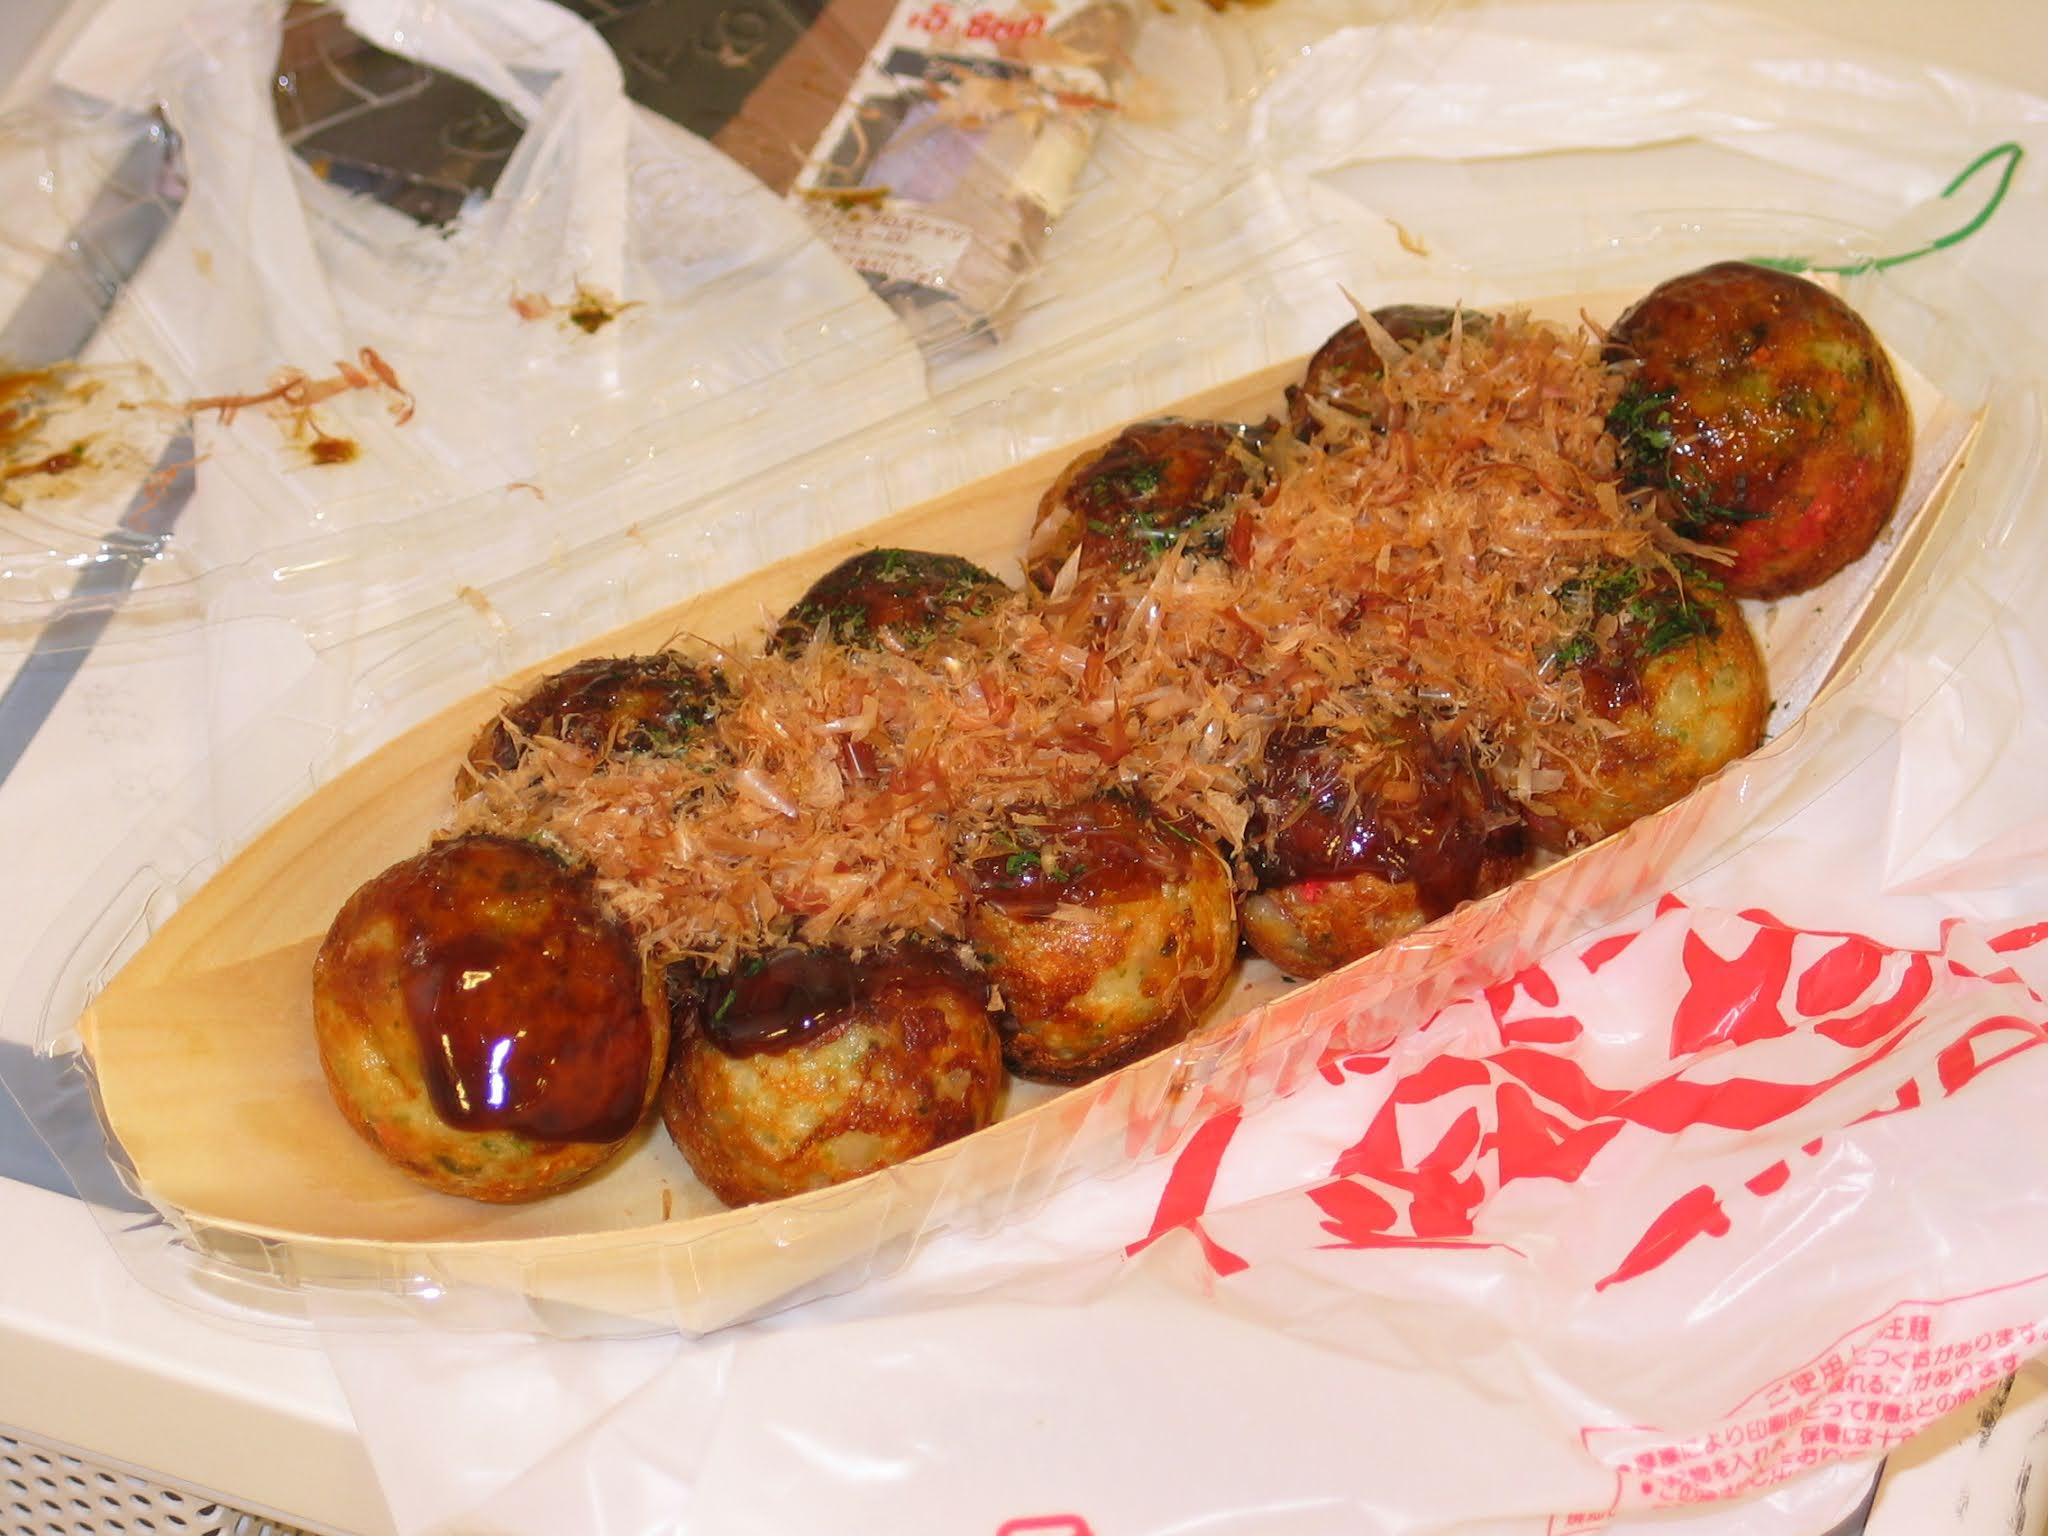 Makanan terenak di jepang - Takoyaki